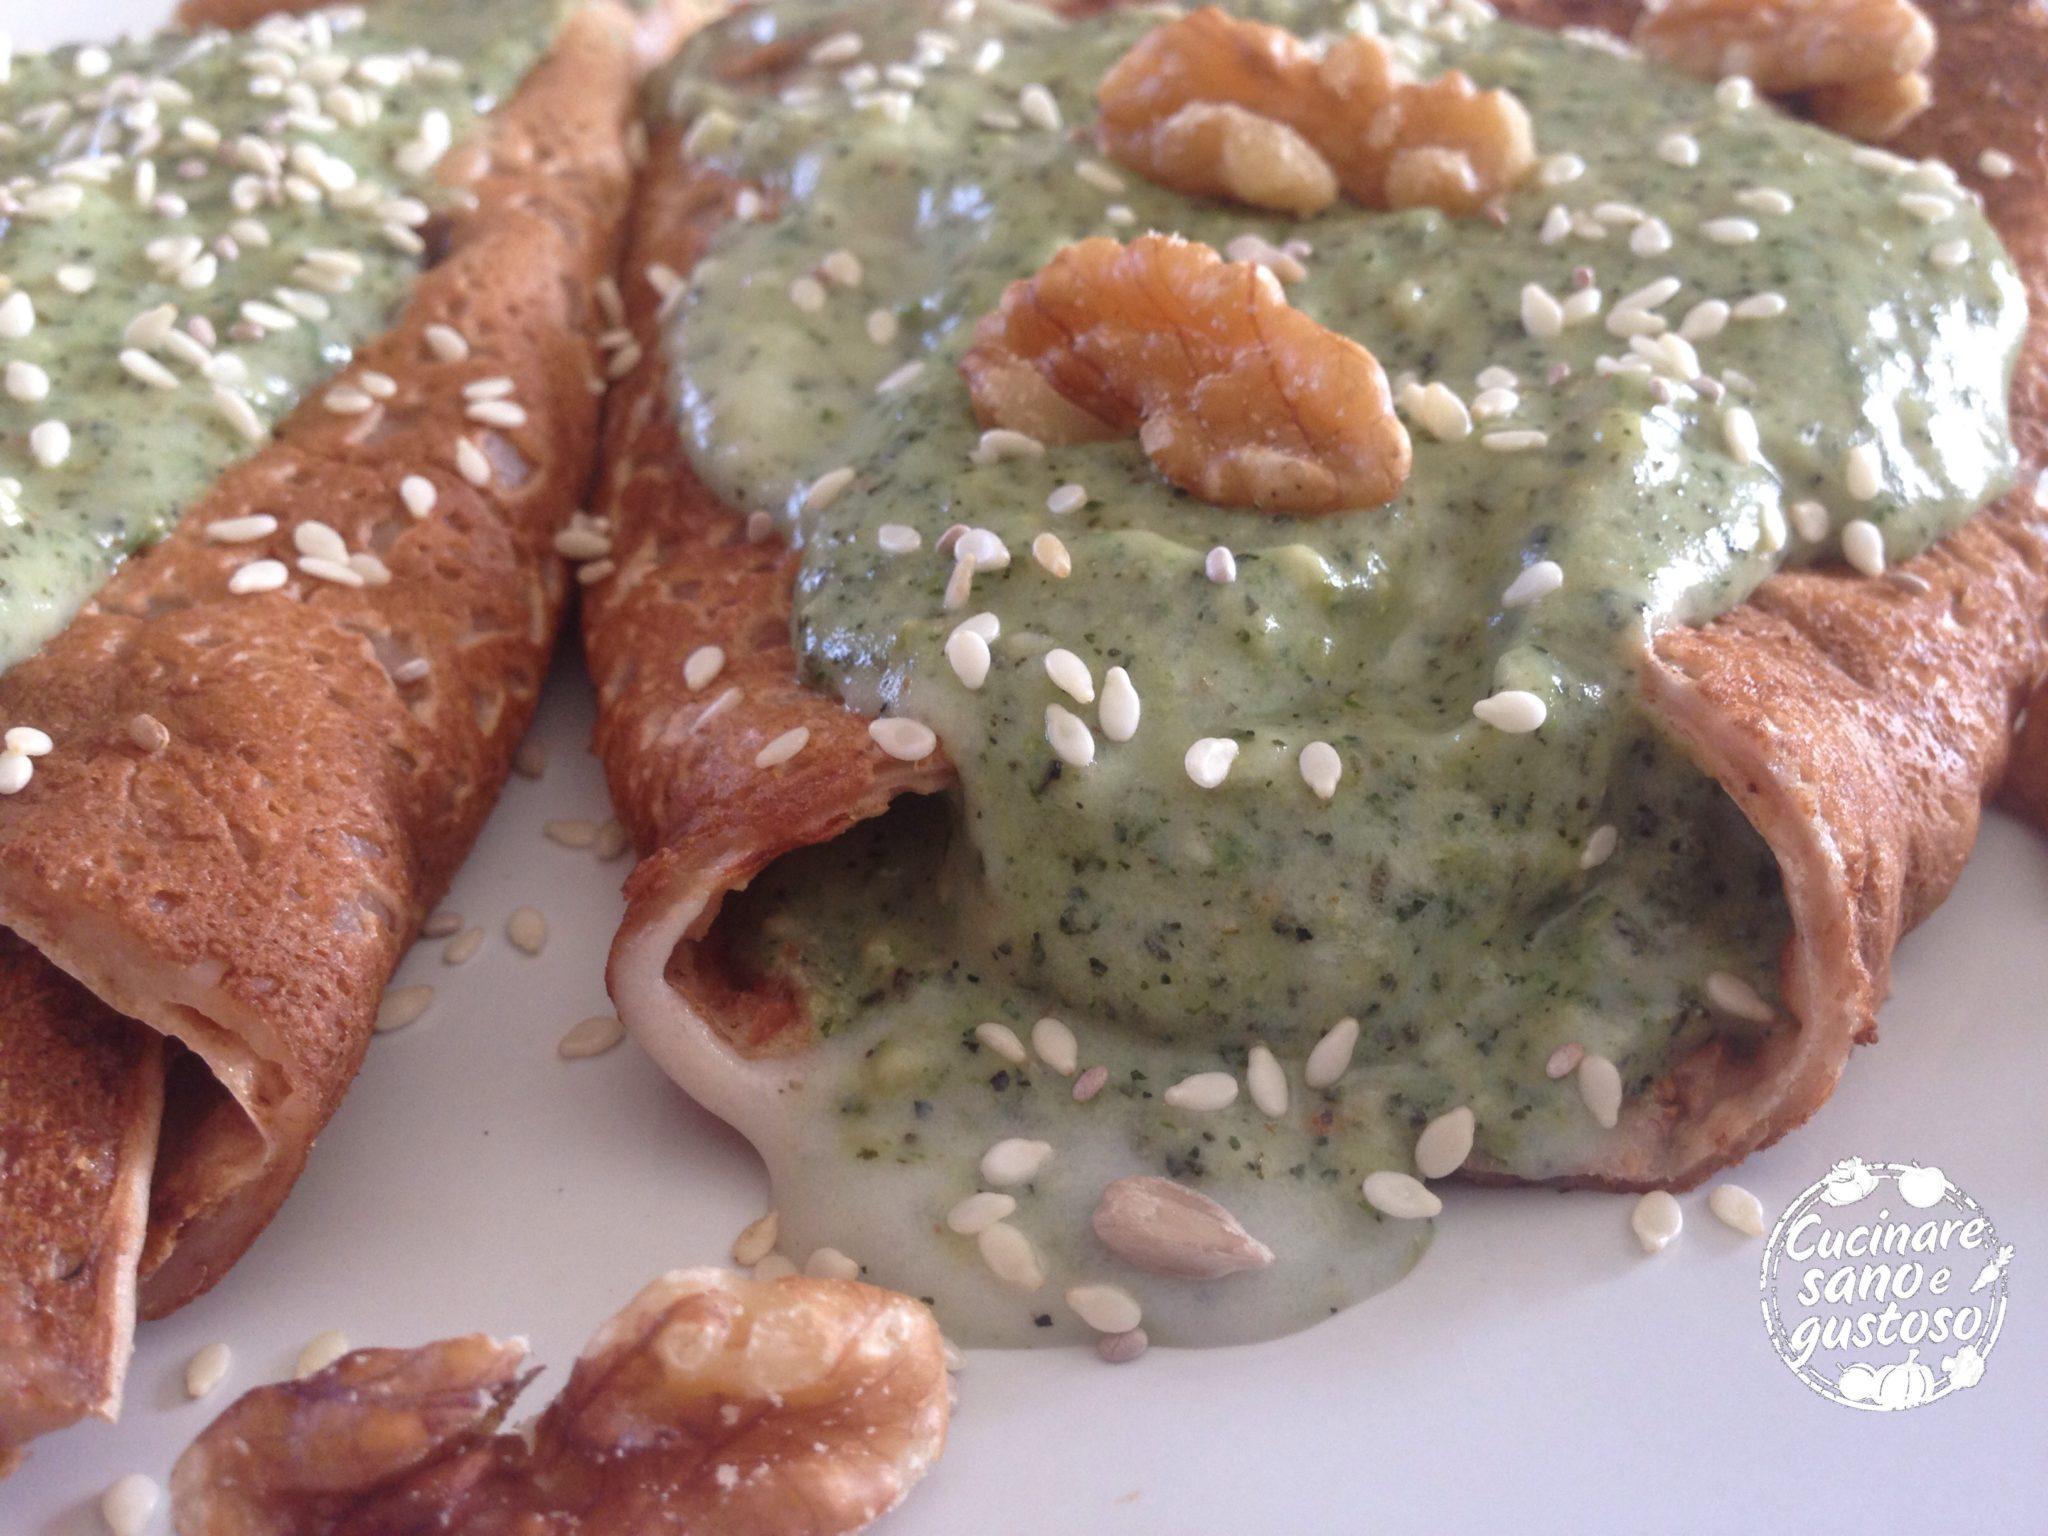 Crepes di farina di castagne senza glutine cucinare sano - Cucinare sano e gustoso ...